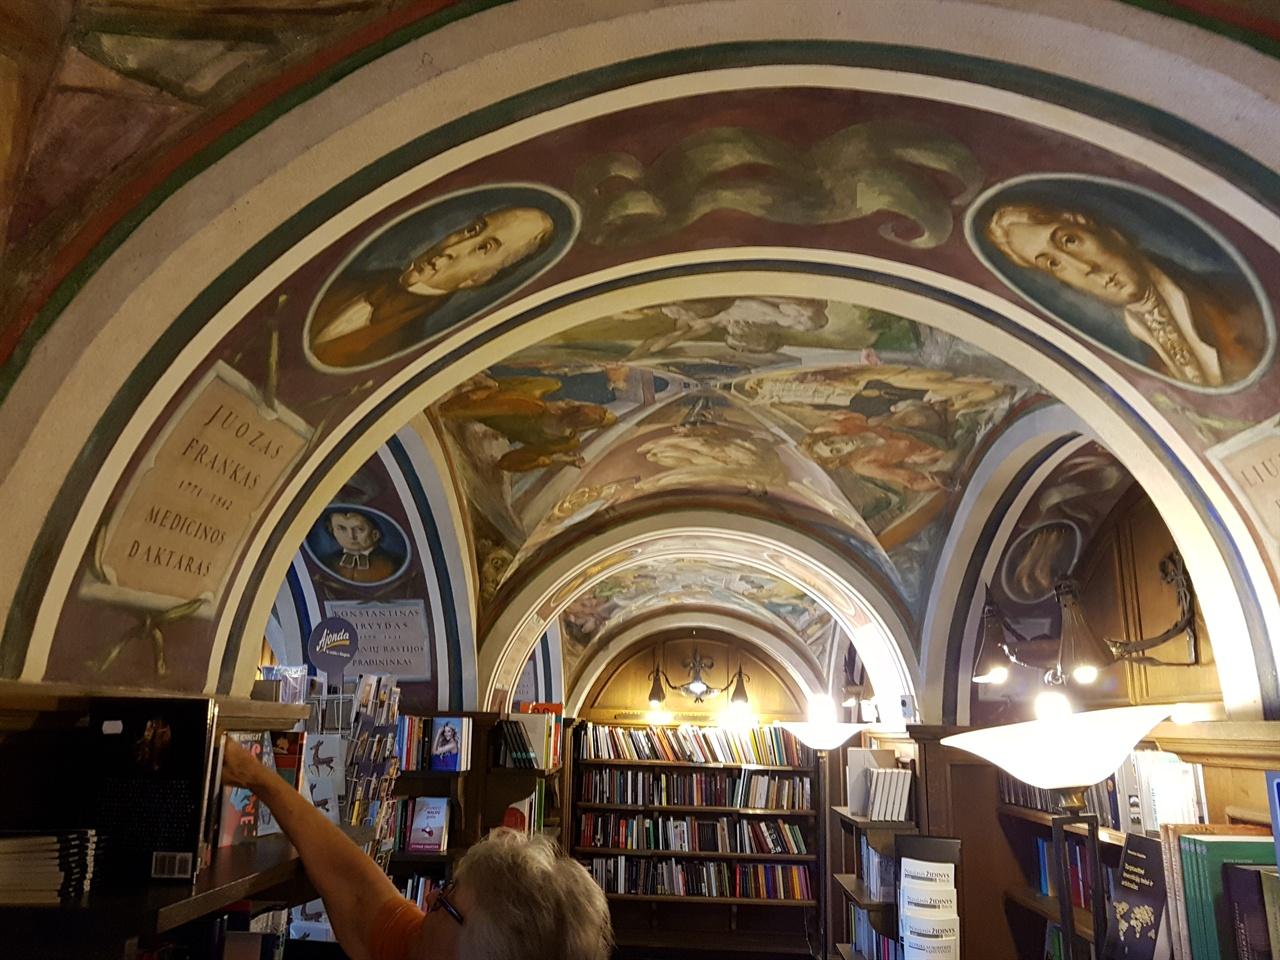 빌뉴스 대학교 구내서점 천정과 벽면 전체가 그림으로 뒤덮여 있다.